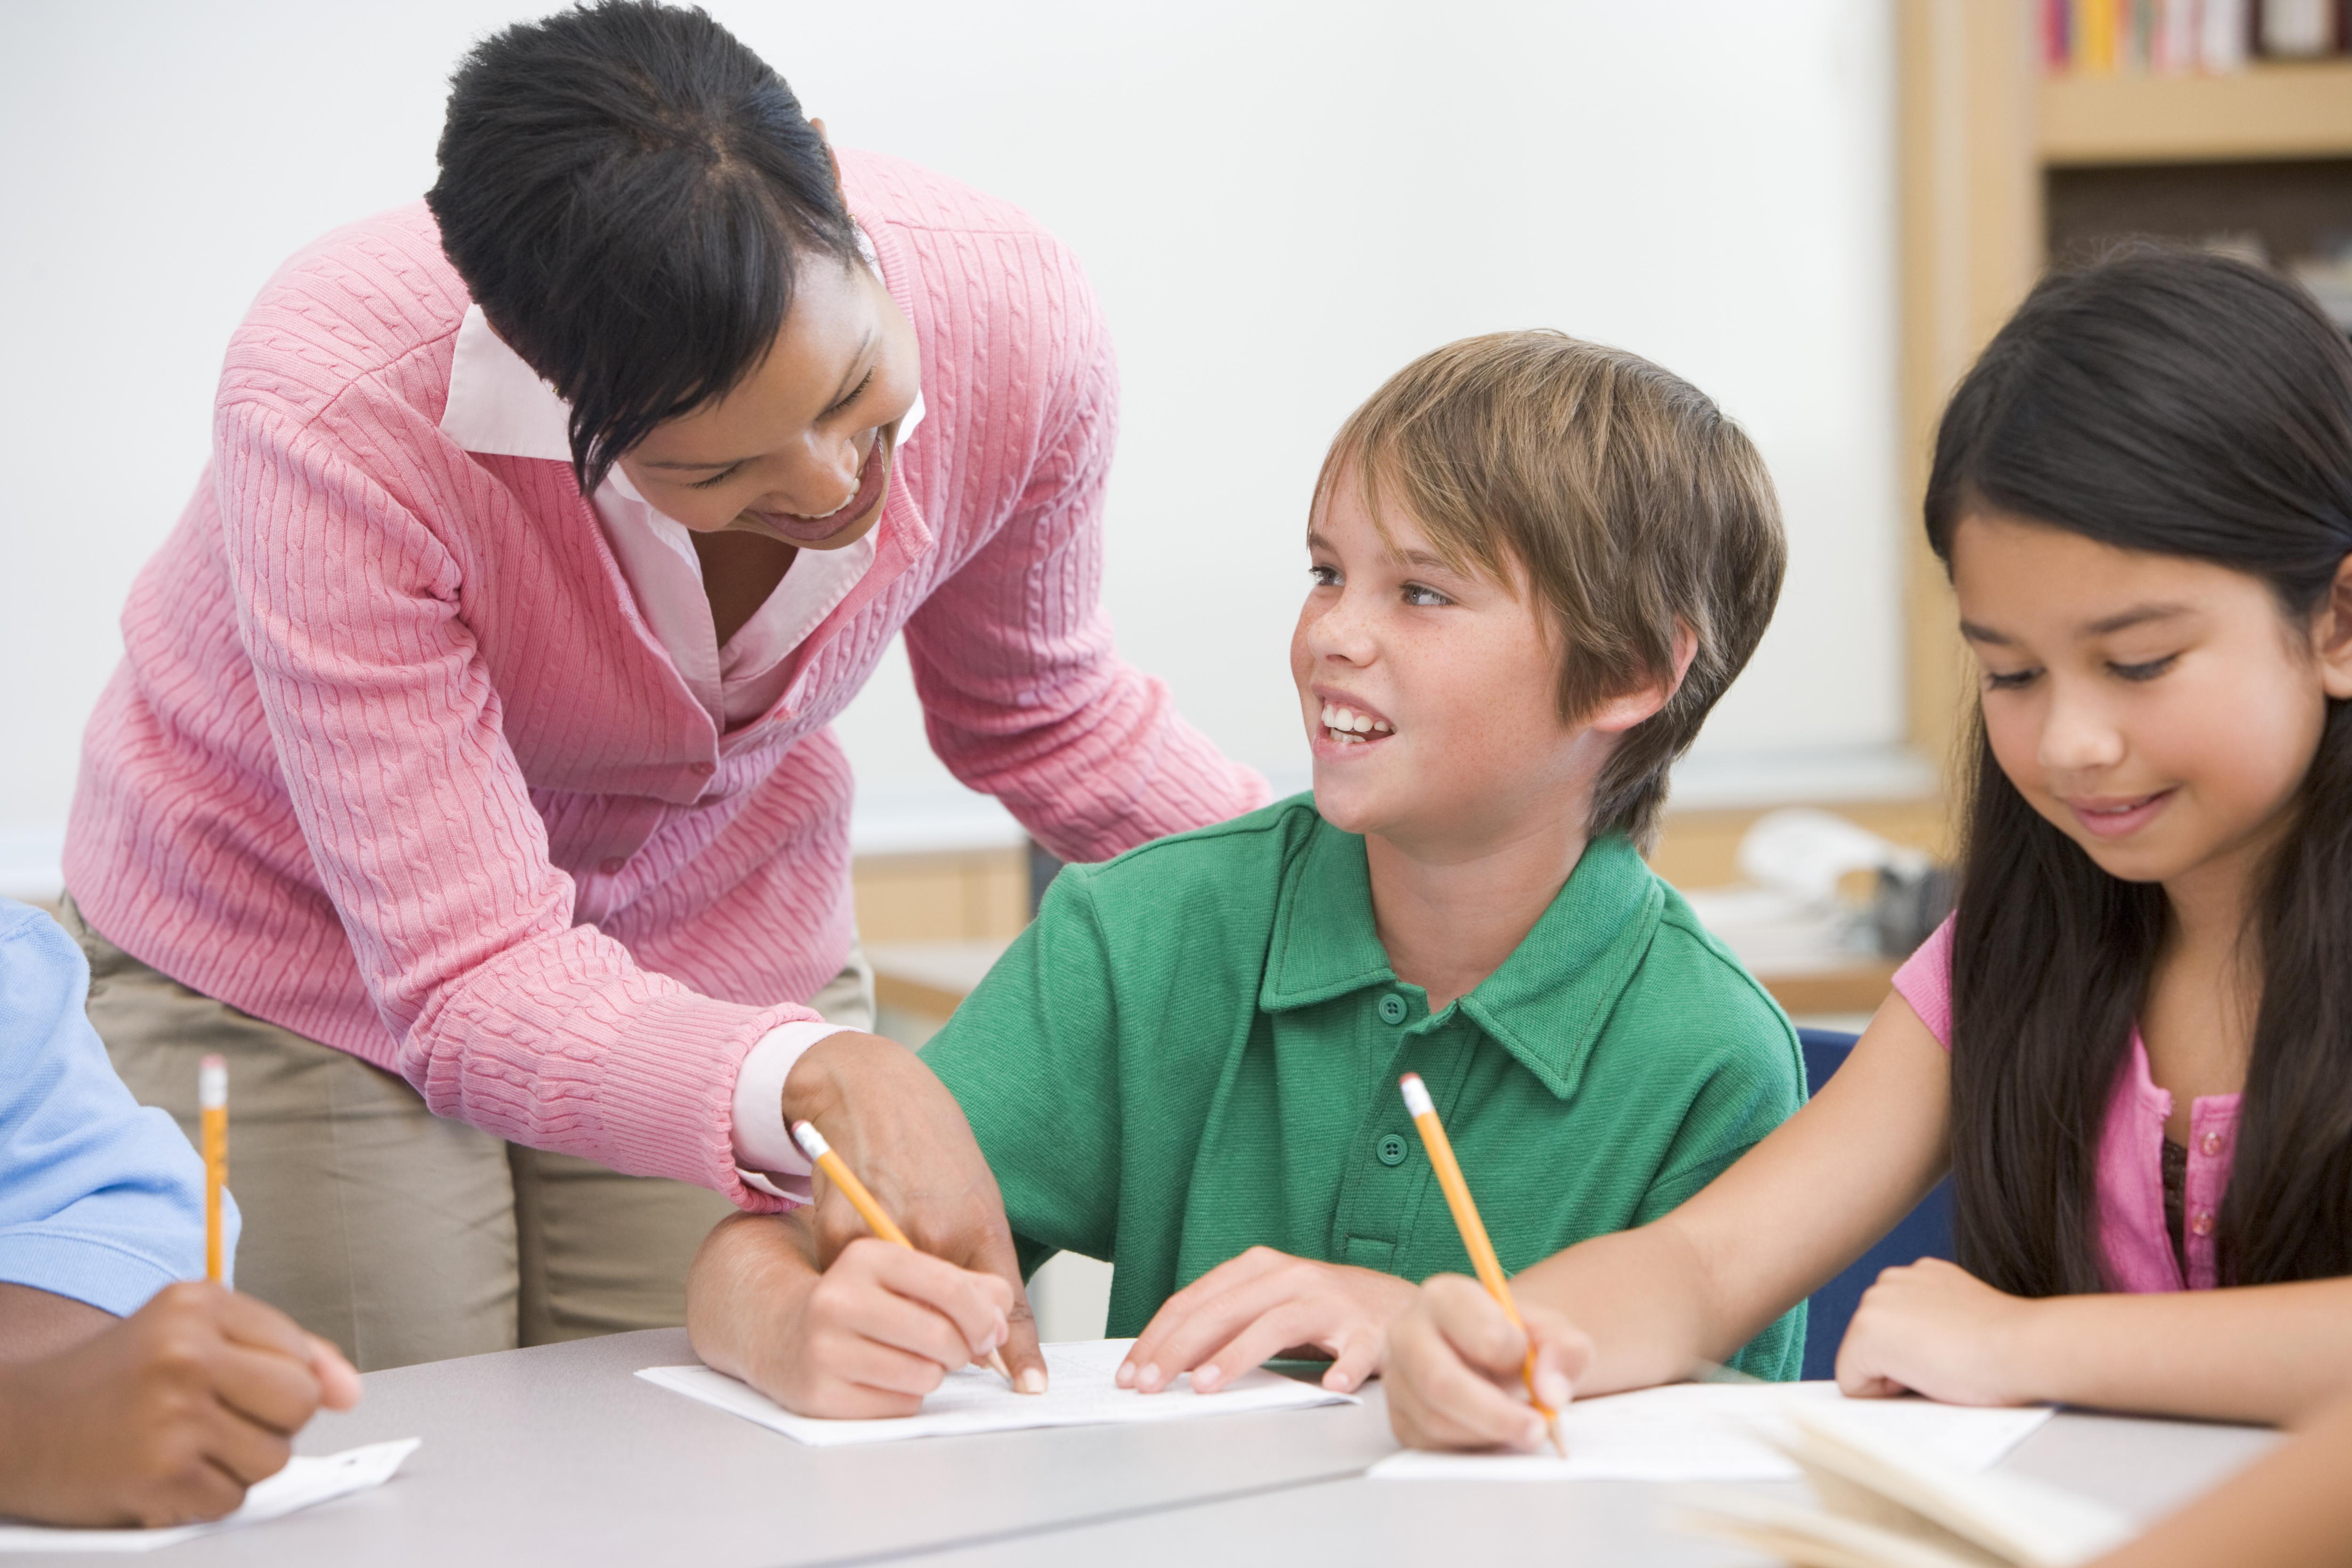 child with dyslexia boy with dyslexia teacher helping student with dyslexia